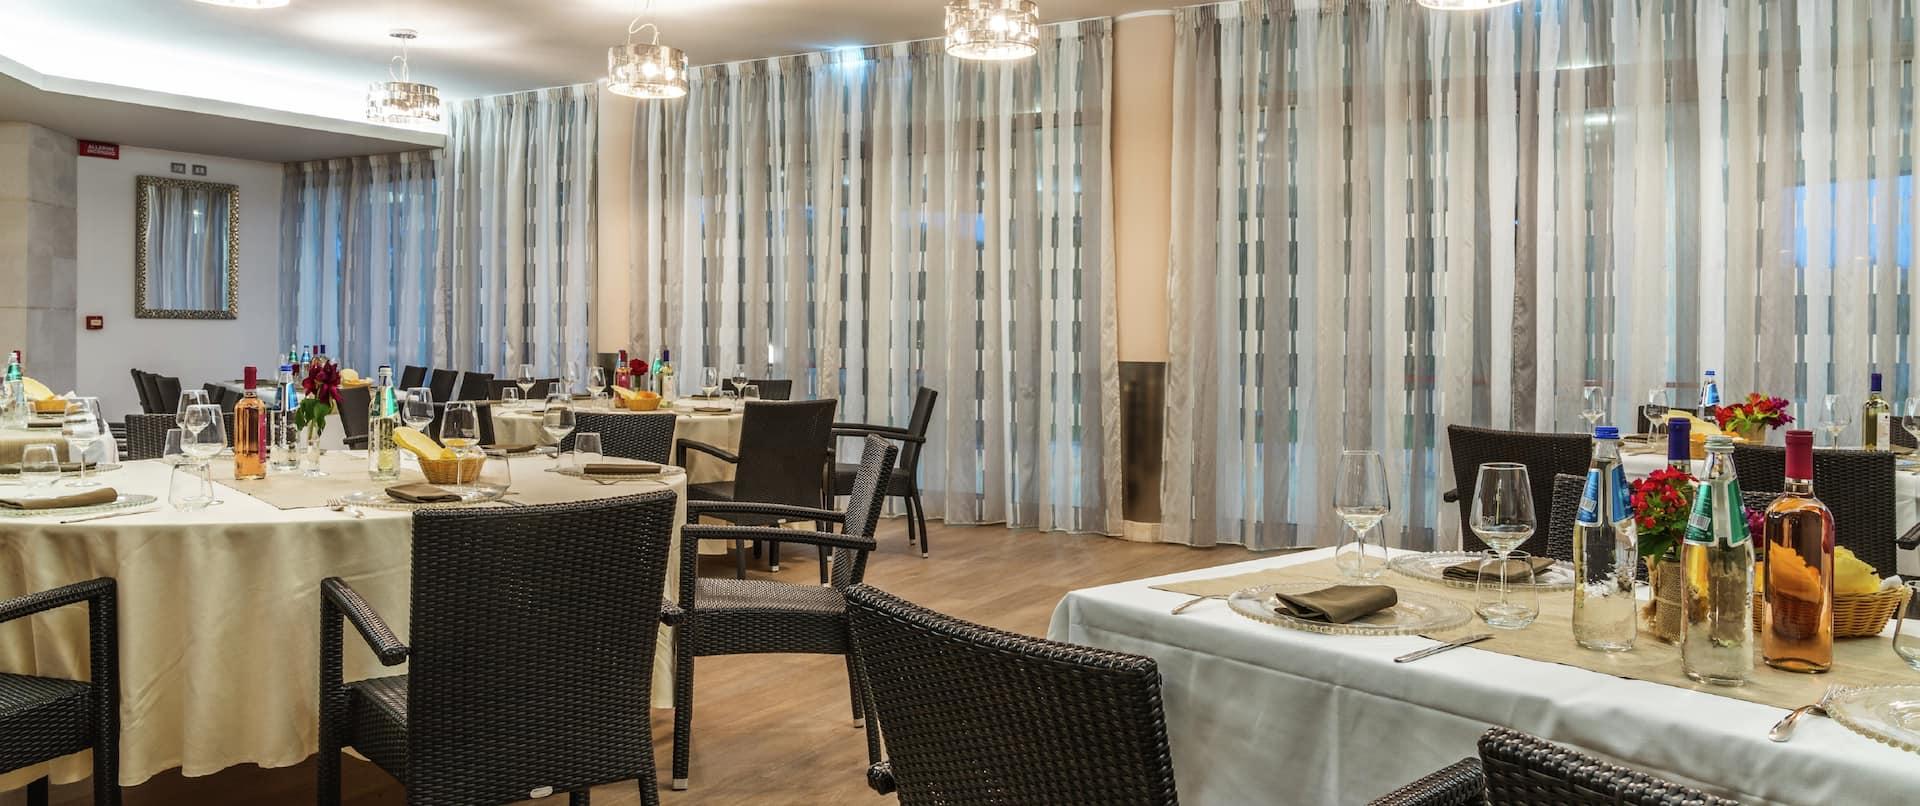 Tilibbas Restaurant Special Event Setup